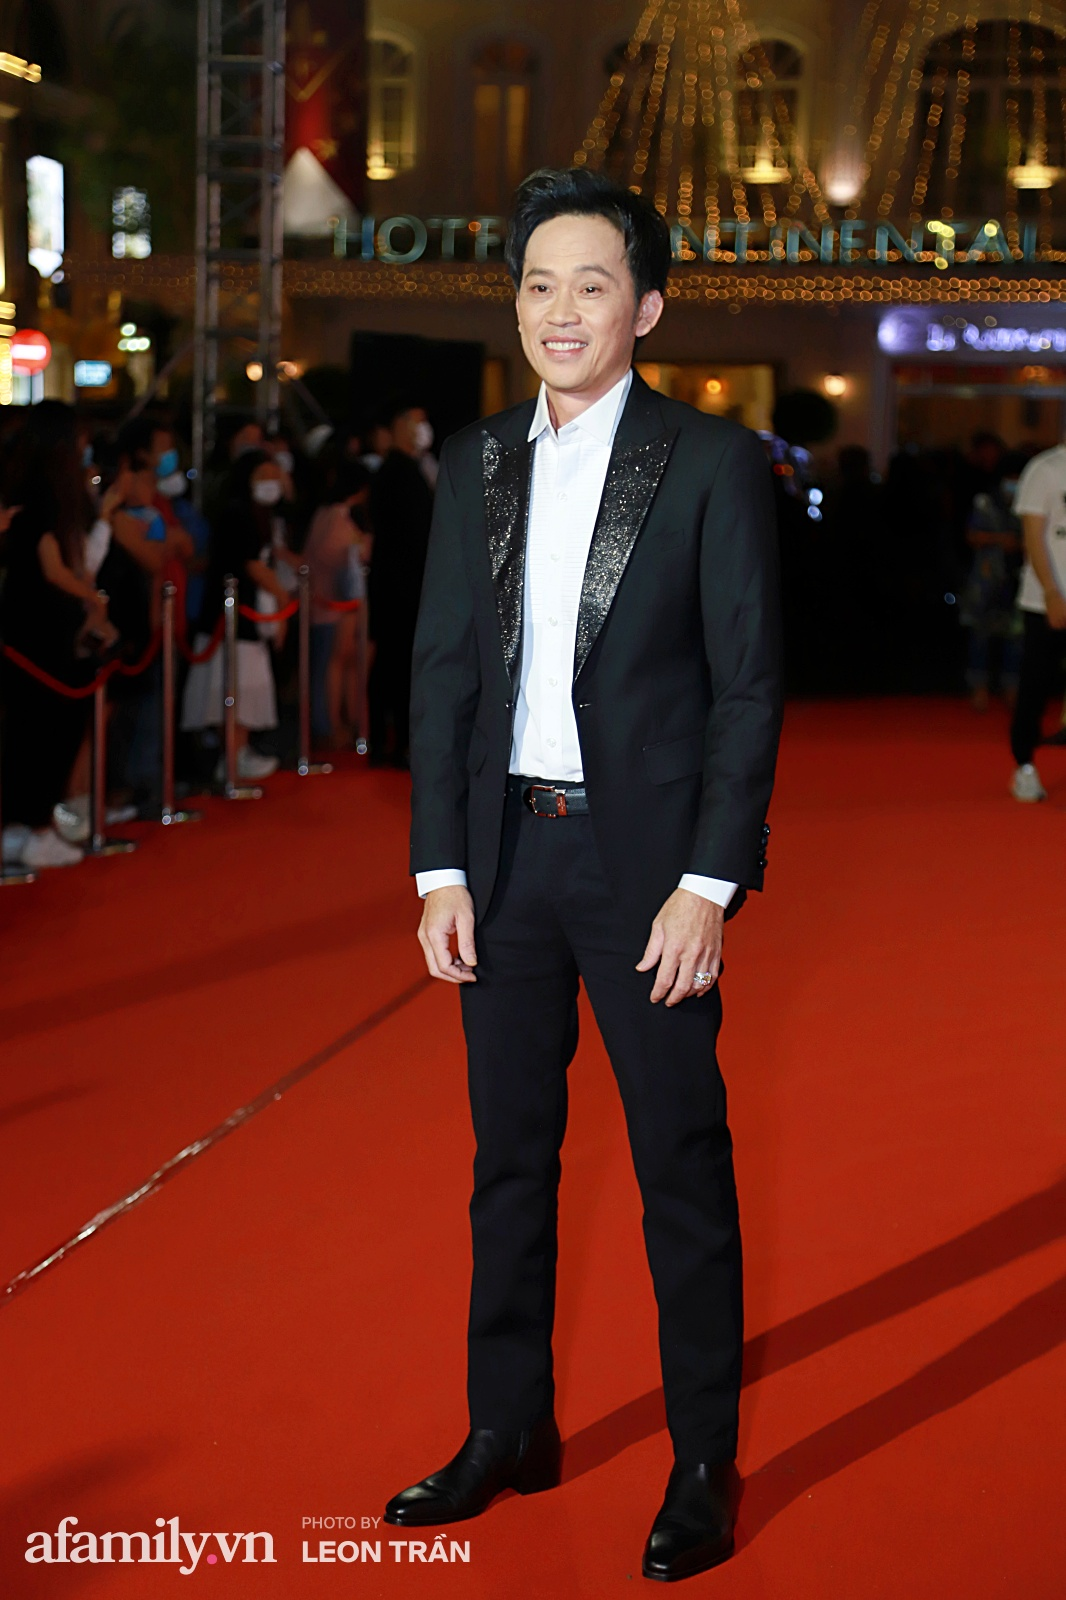 Thảm đỏ lễ trao giải Mai Vàng 26: Nghệ sĩ Hoài Linh gượng cười sau nhiều biến cố, Minh Hằng khoe vòng 1 căng đầy gợi cảm-2